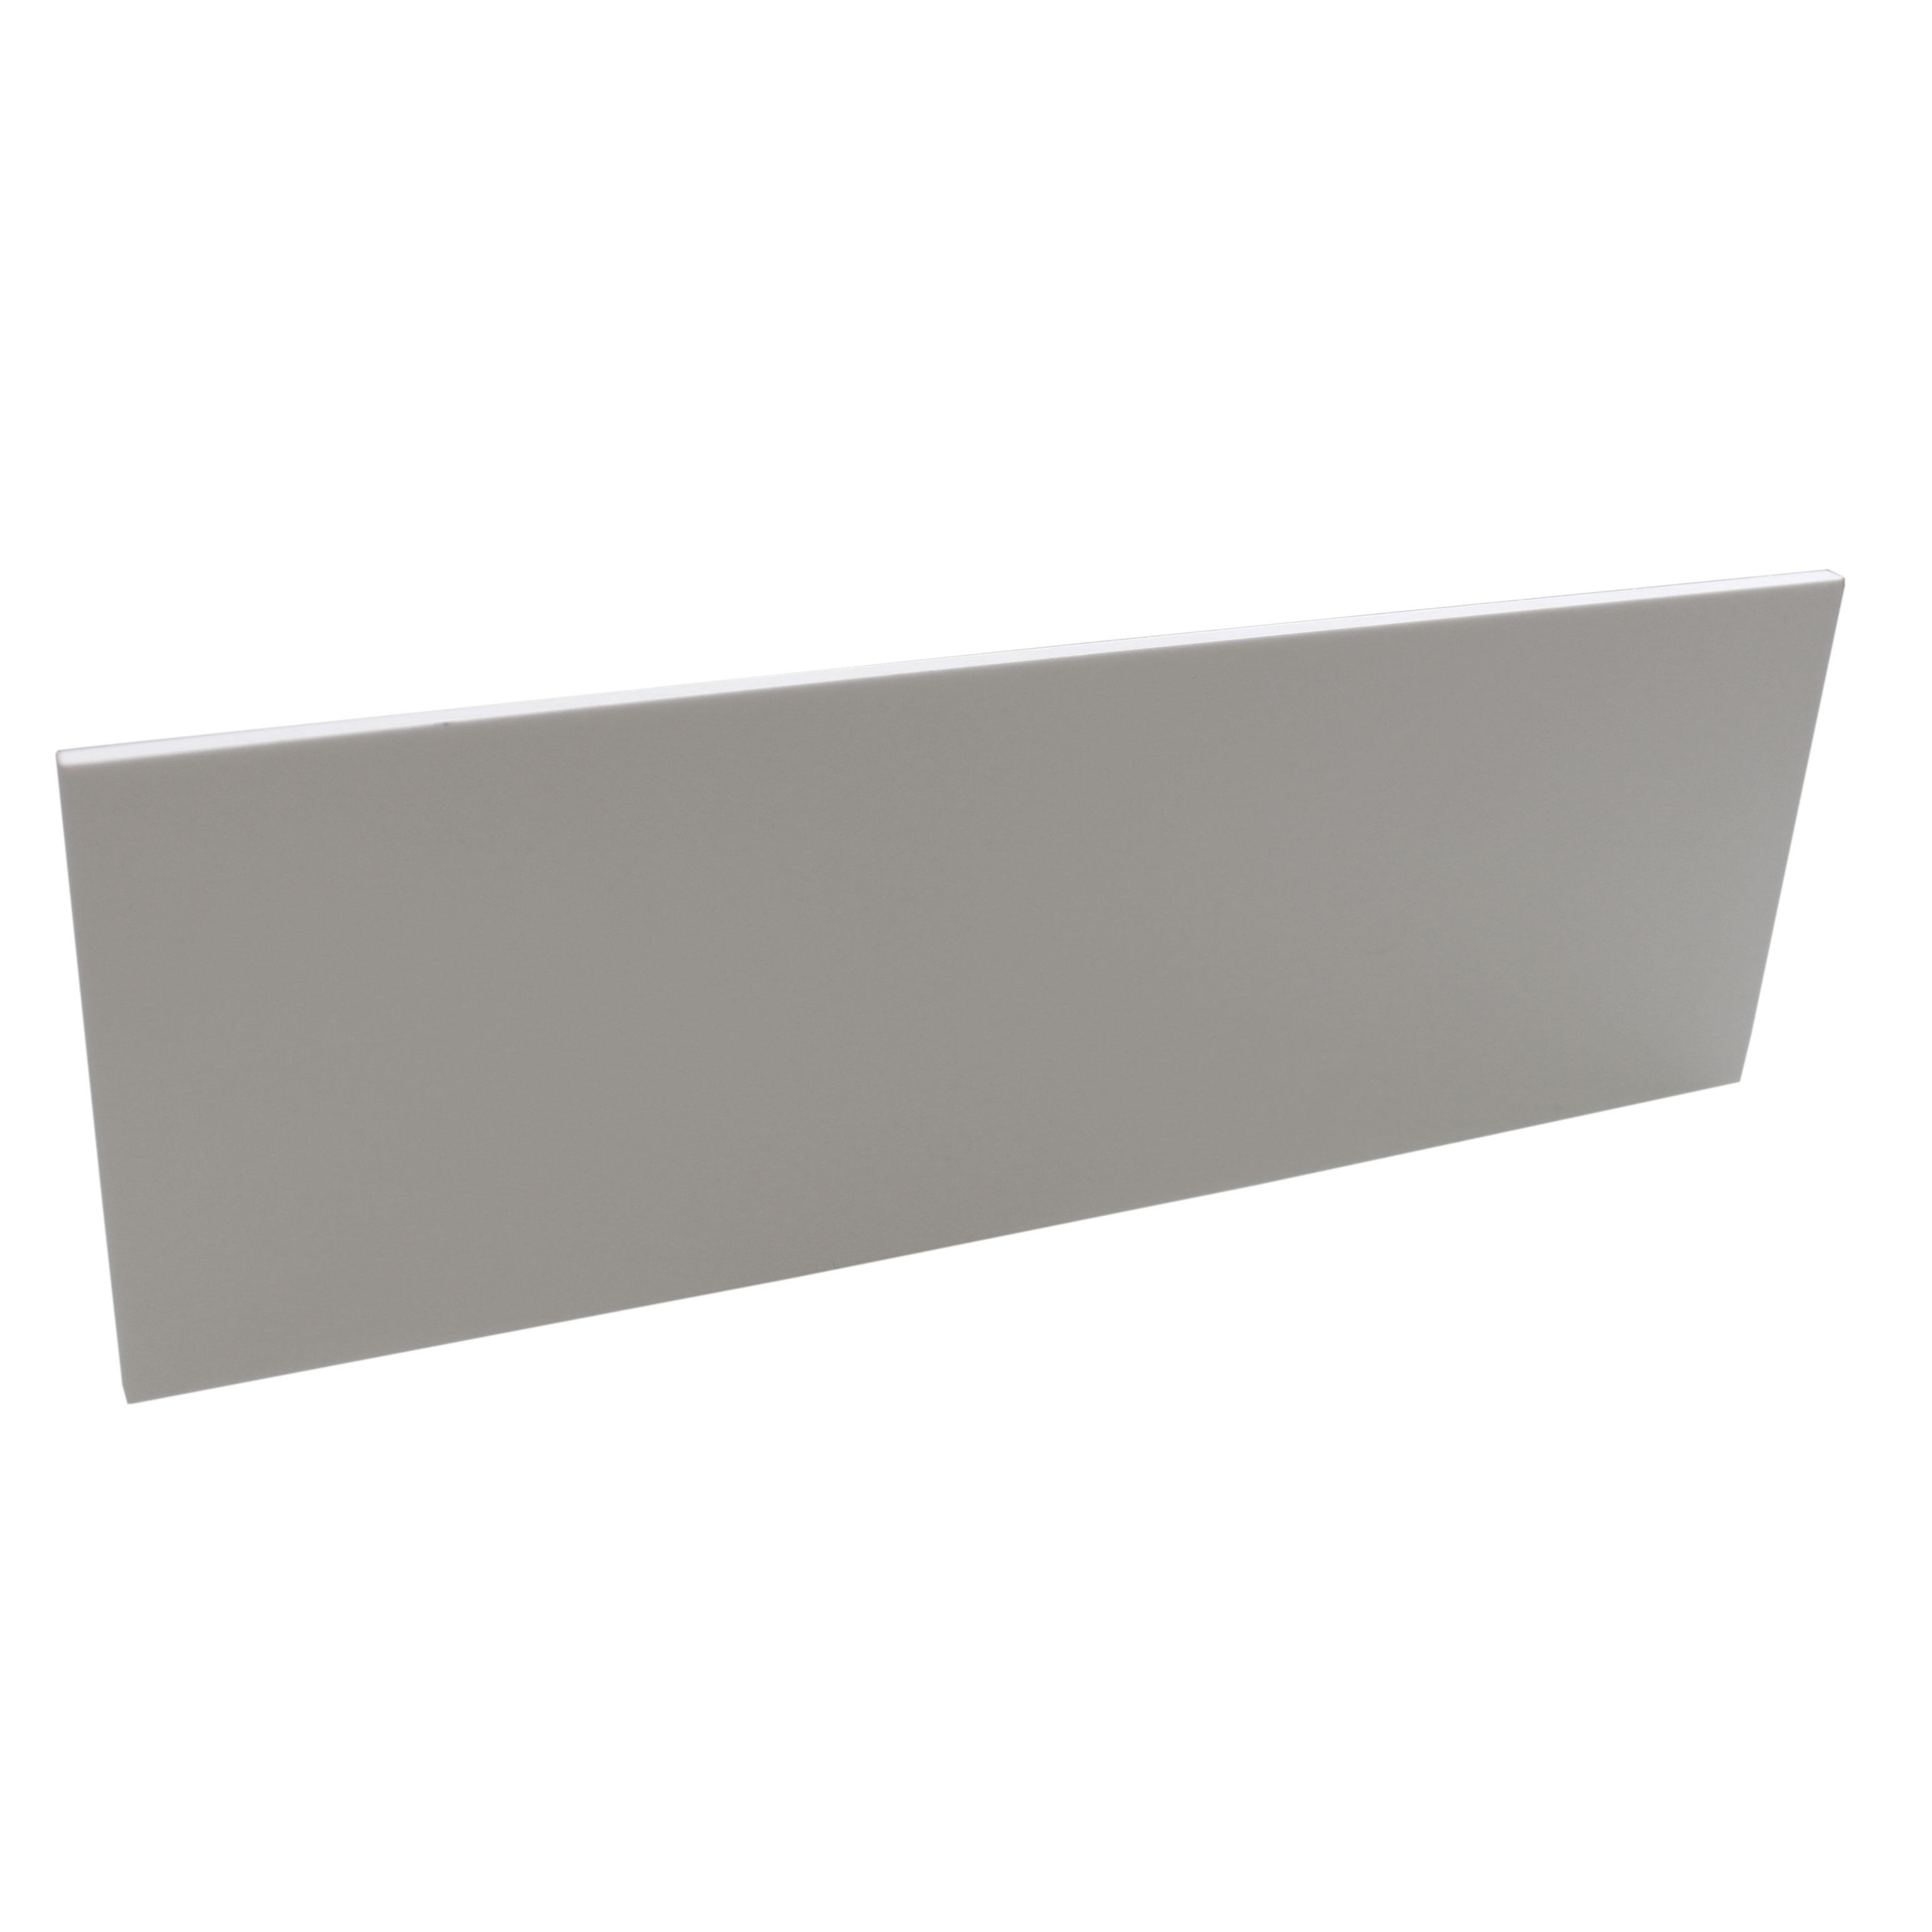 300 571-Topschild, weiß